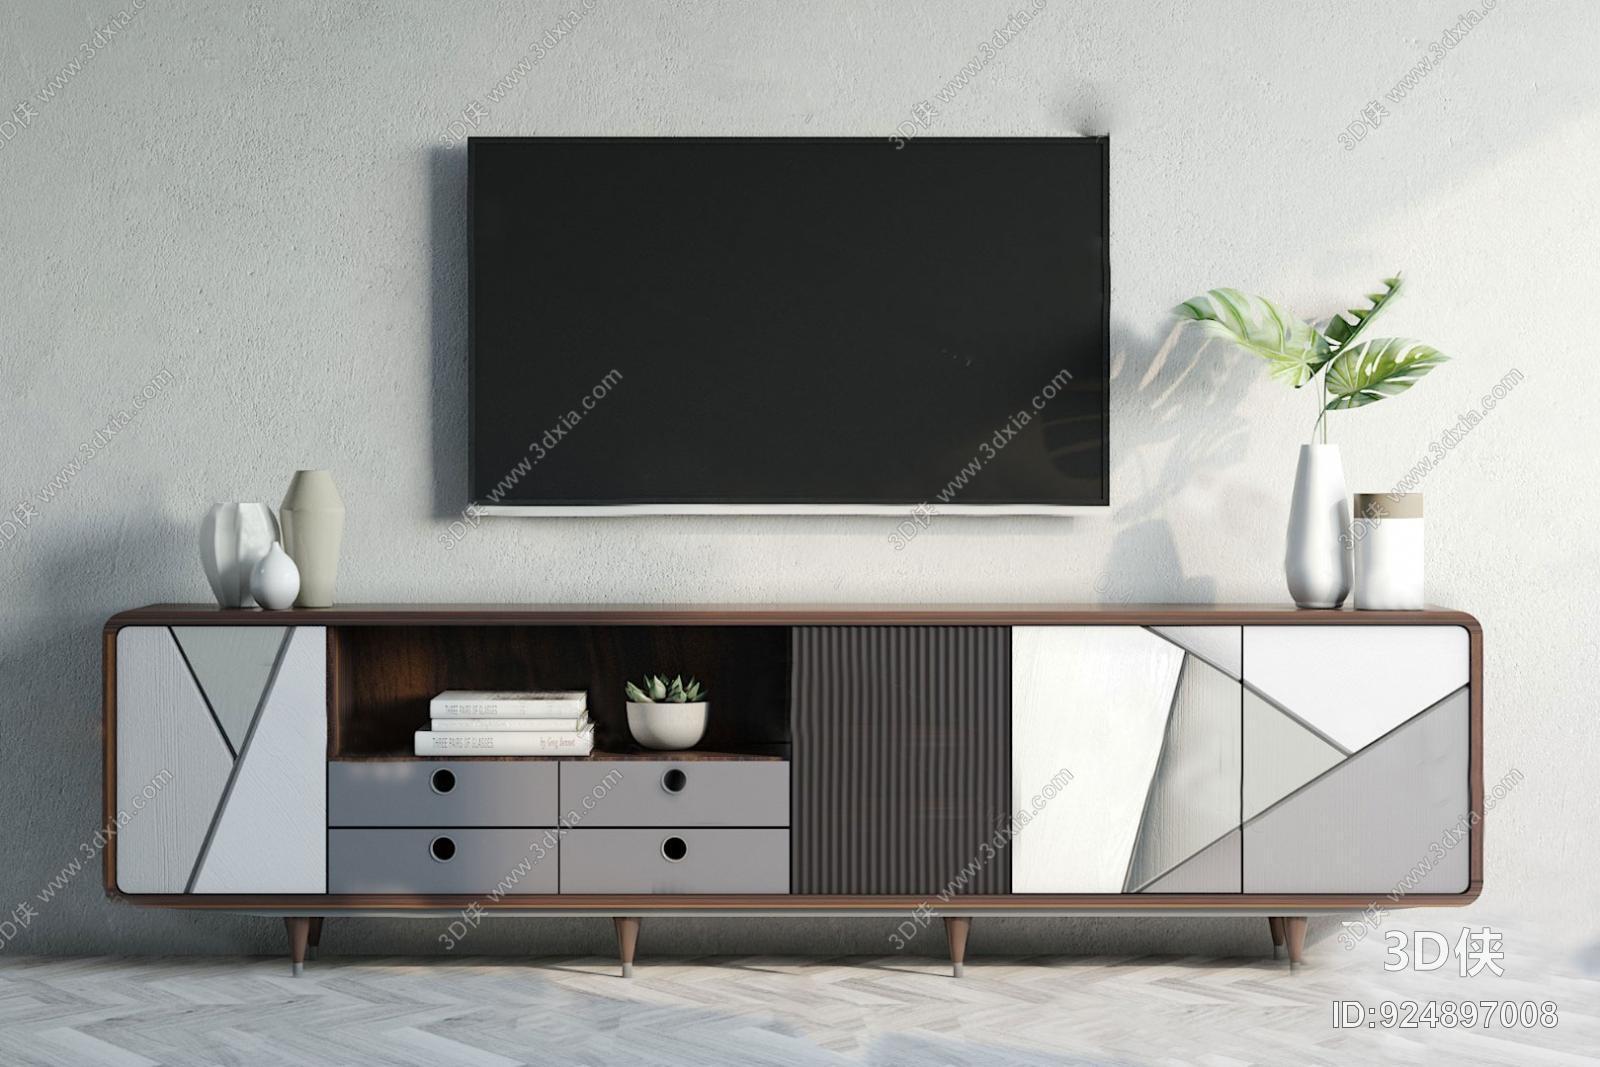 电视柜效果图素材免费下载,本作品主题是现代电视柜3d模型,编号是9248